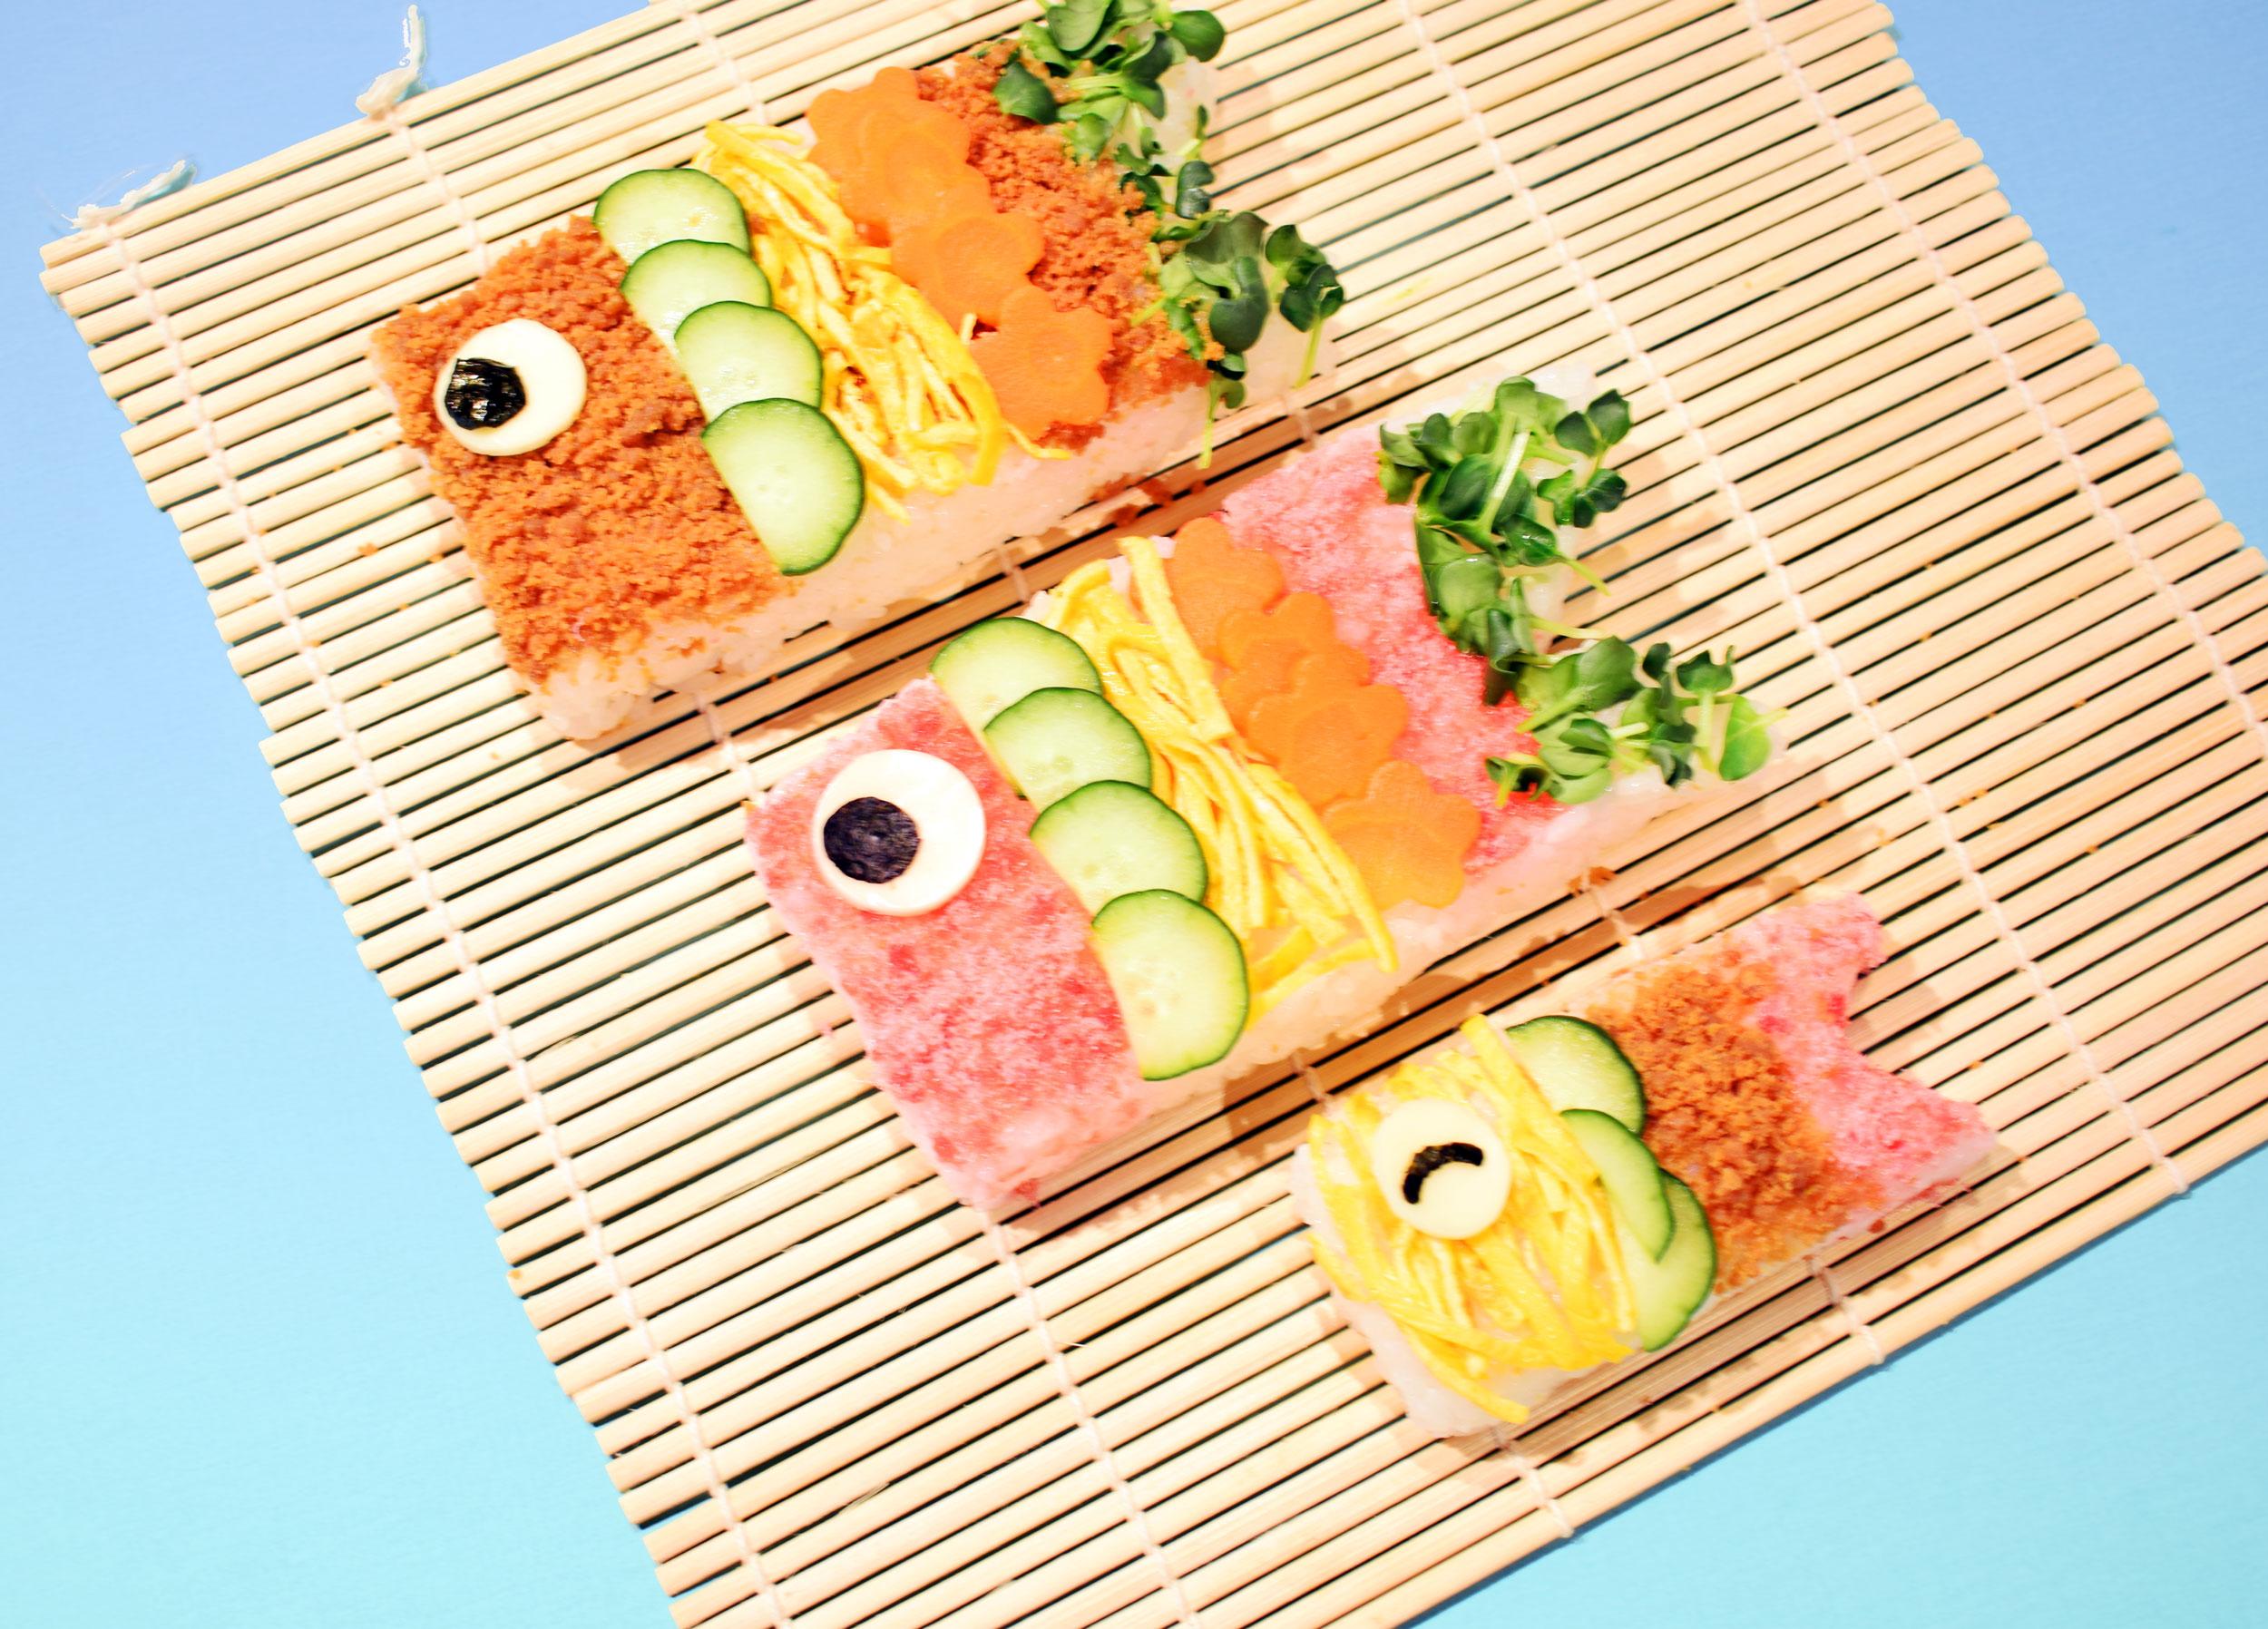 こいのぼりの押し寿司